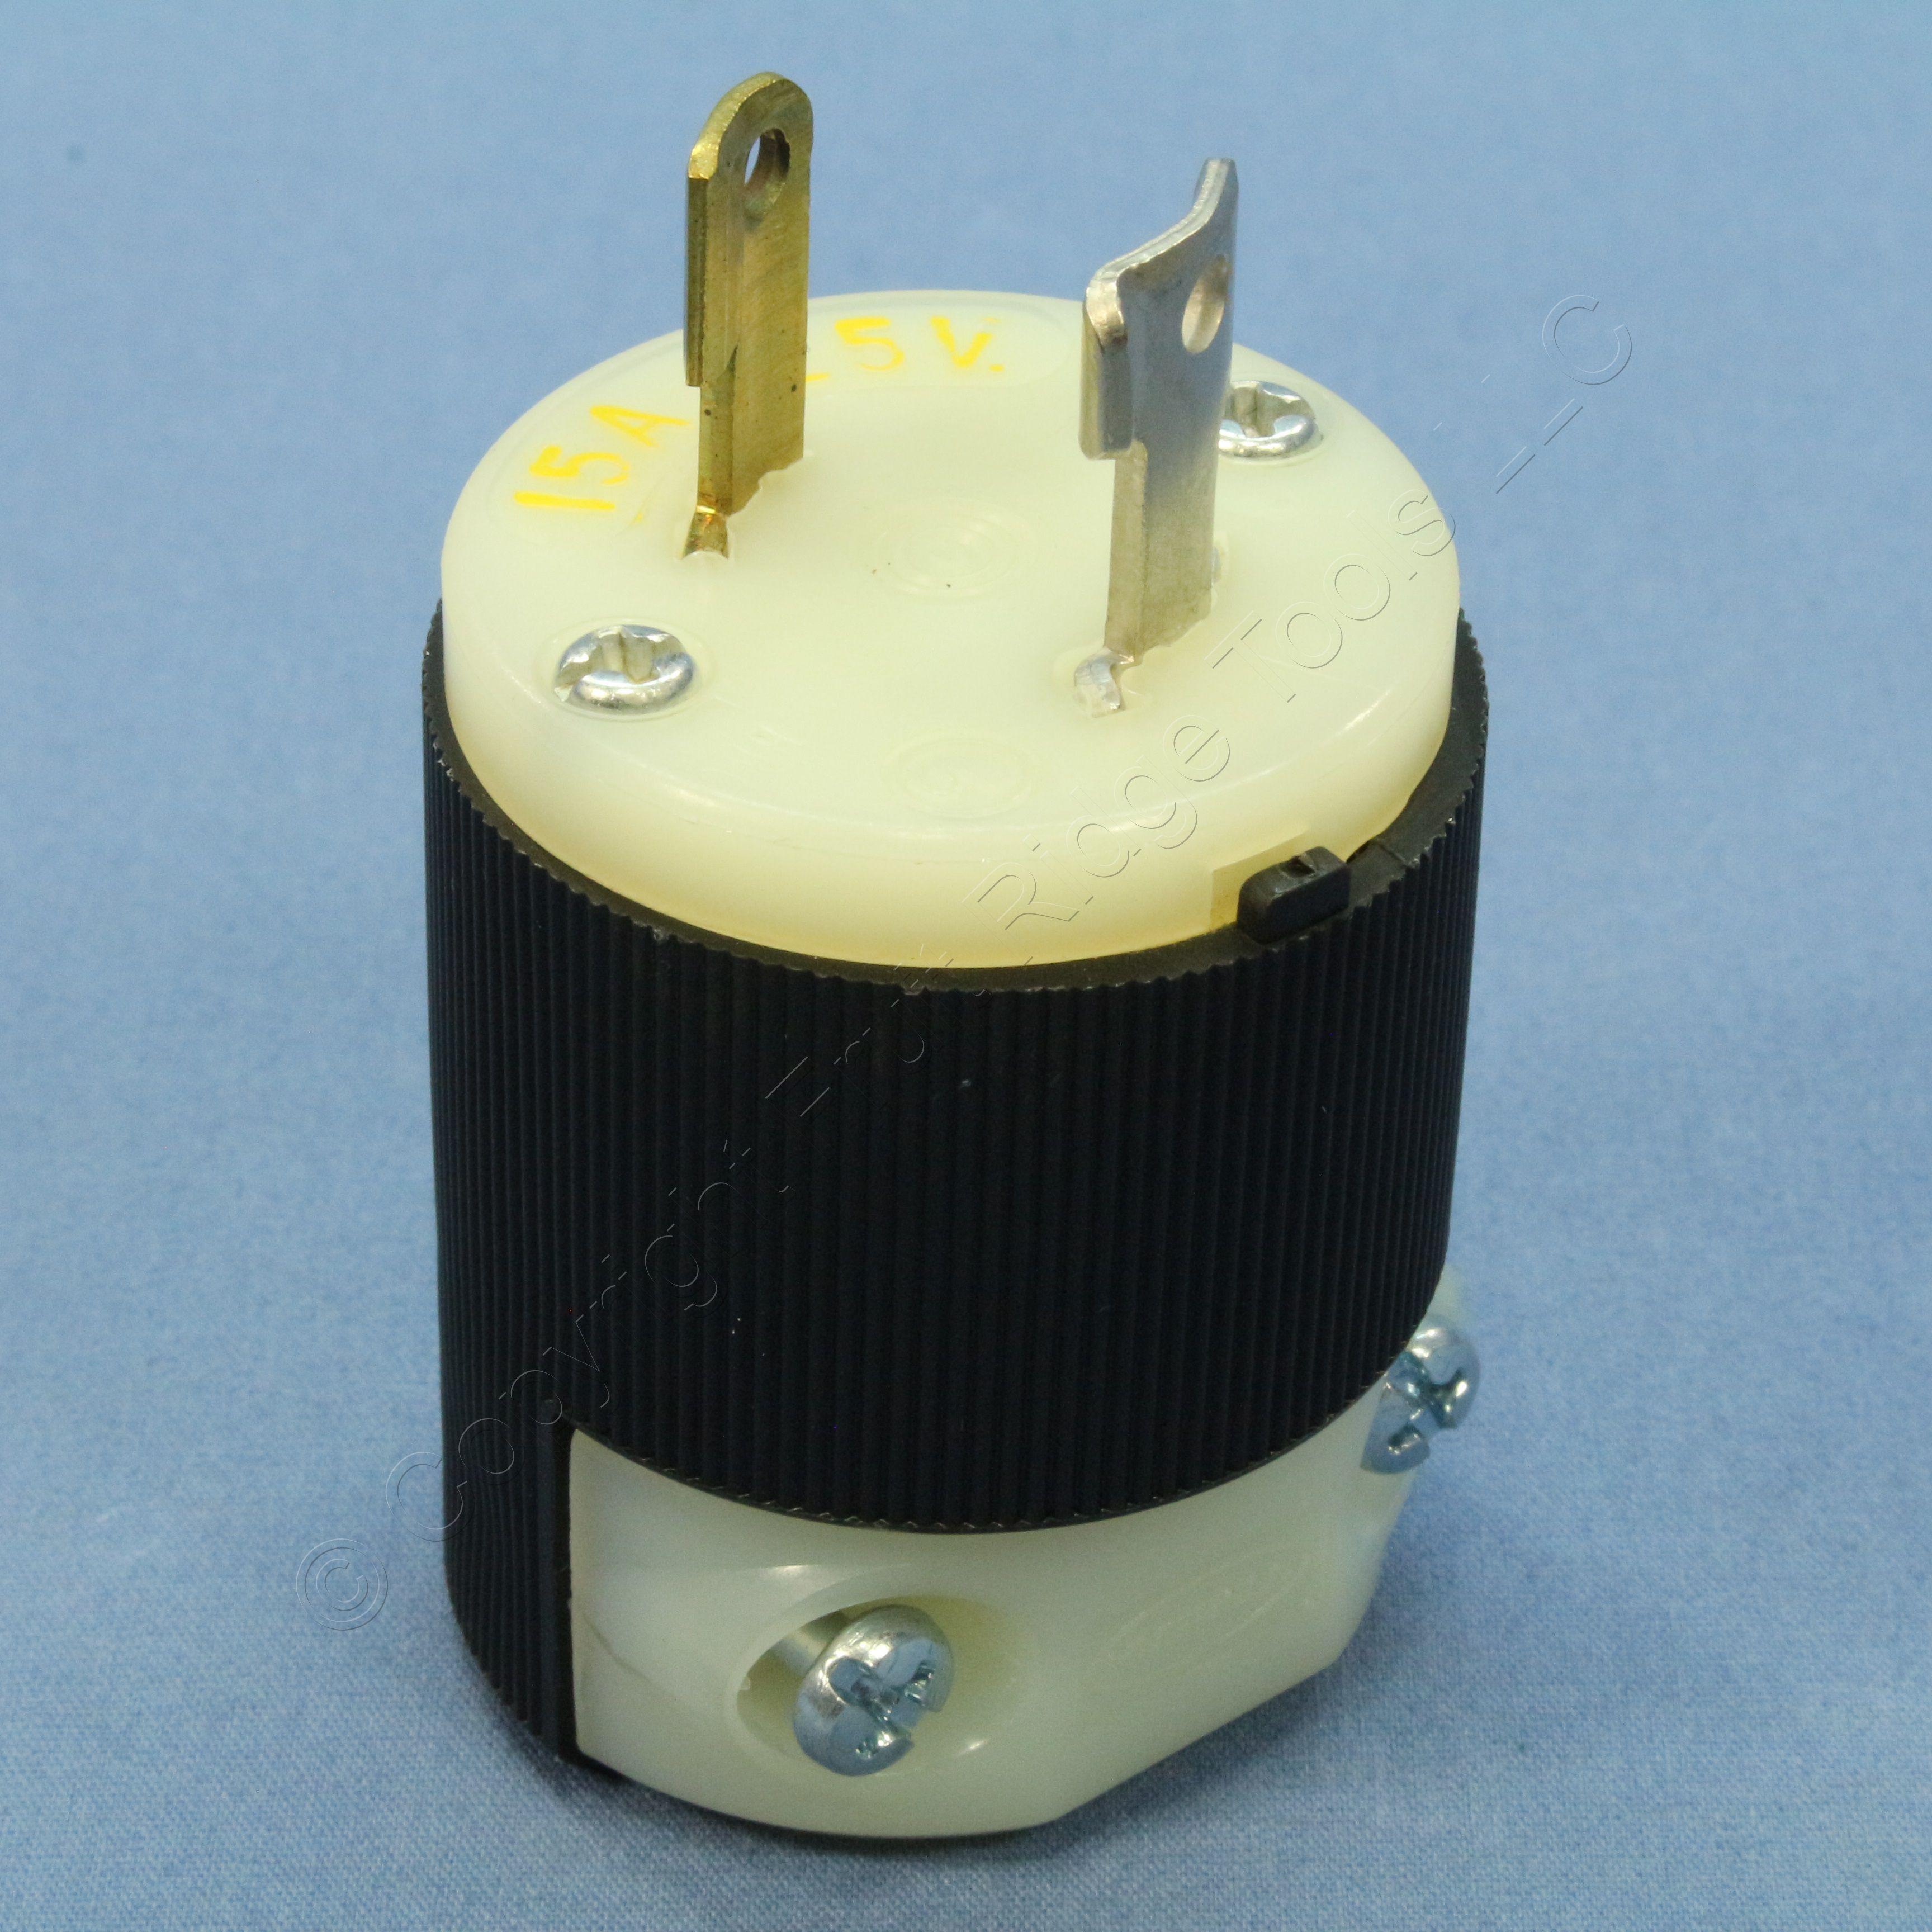 Buy New Bryant Twist Turn Locking Connector Plug NEMA 1-15P 15A 125V ...